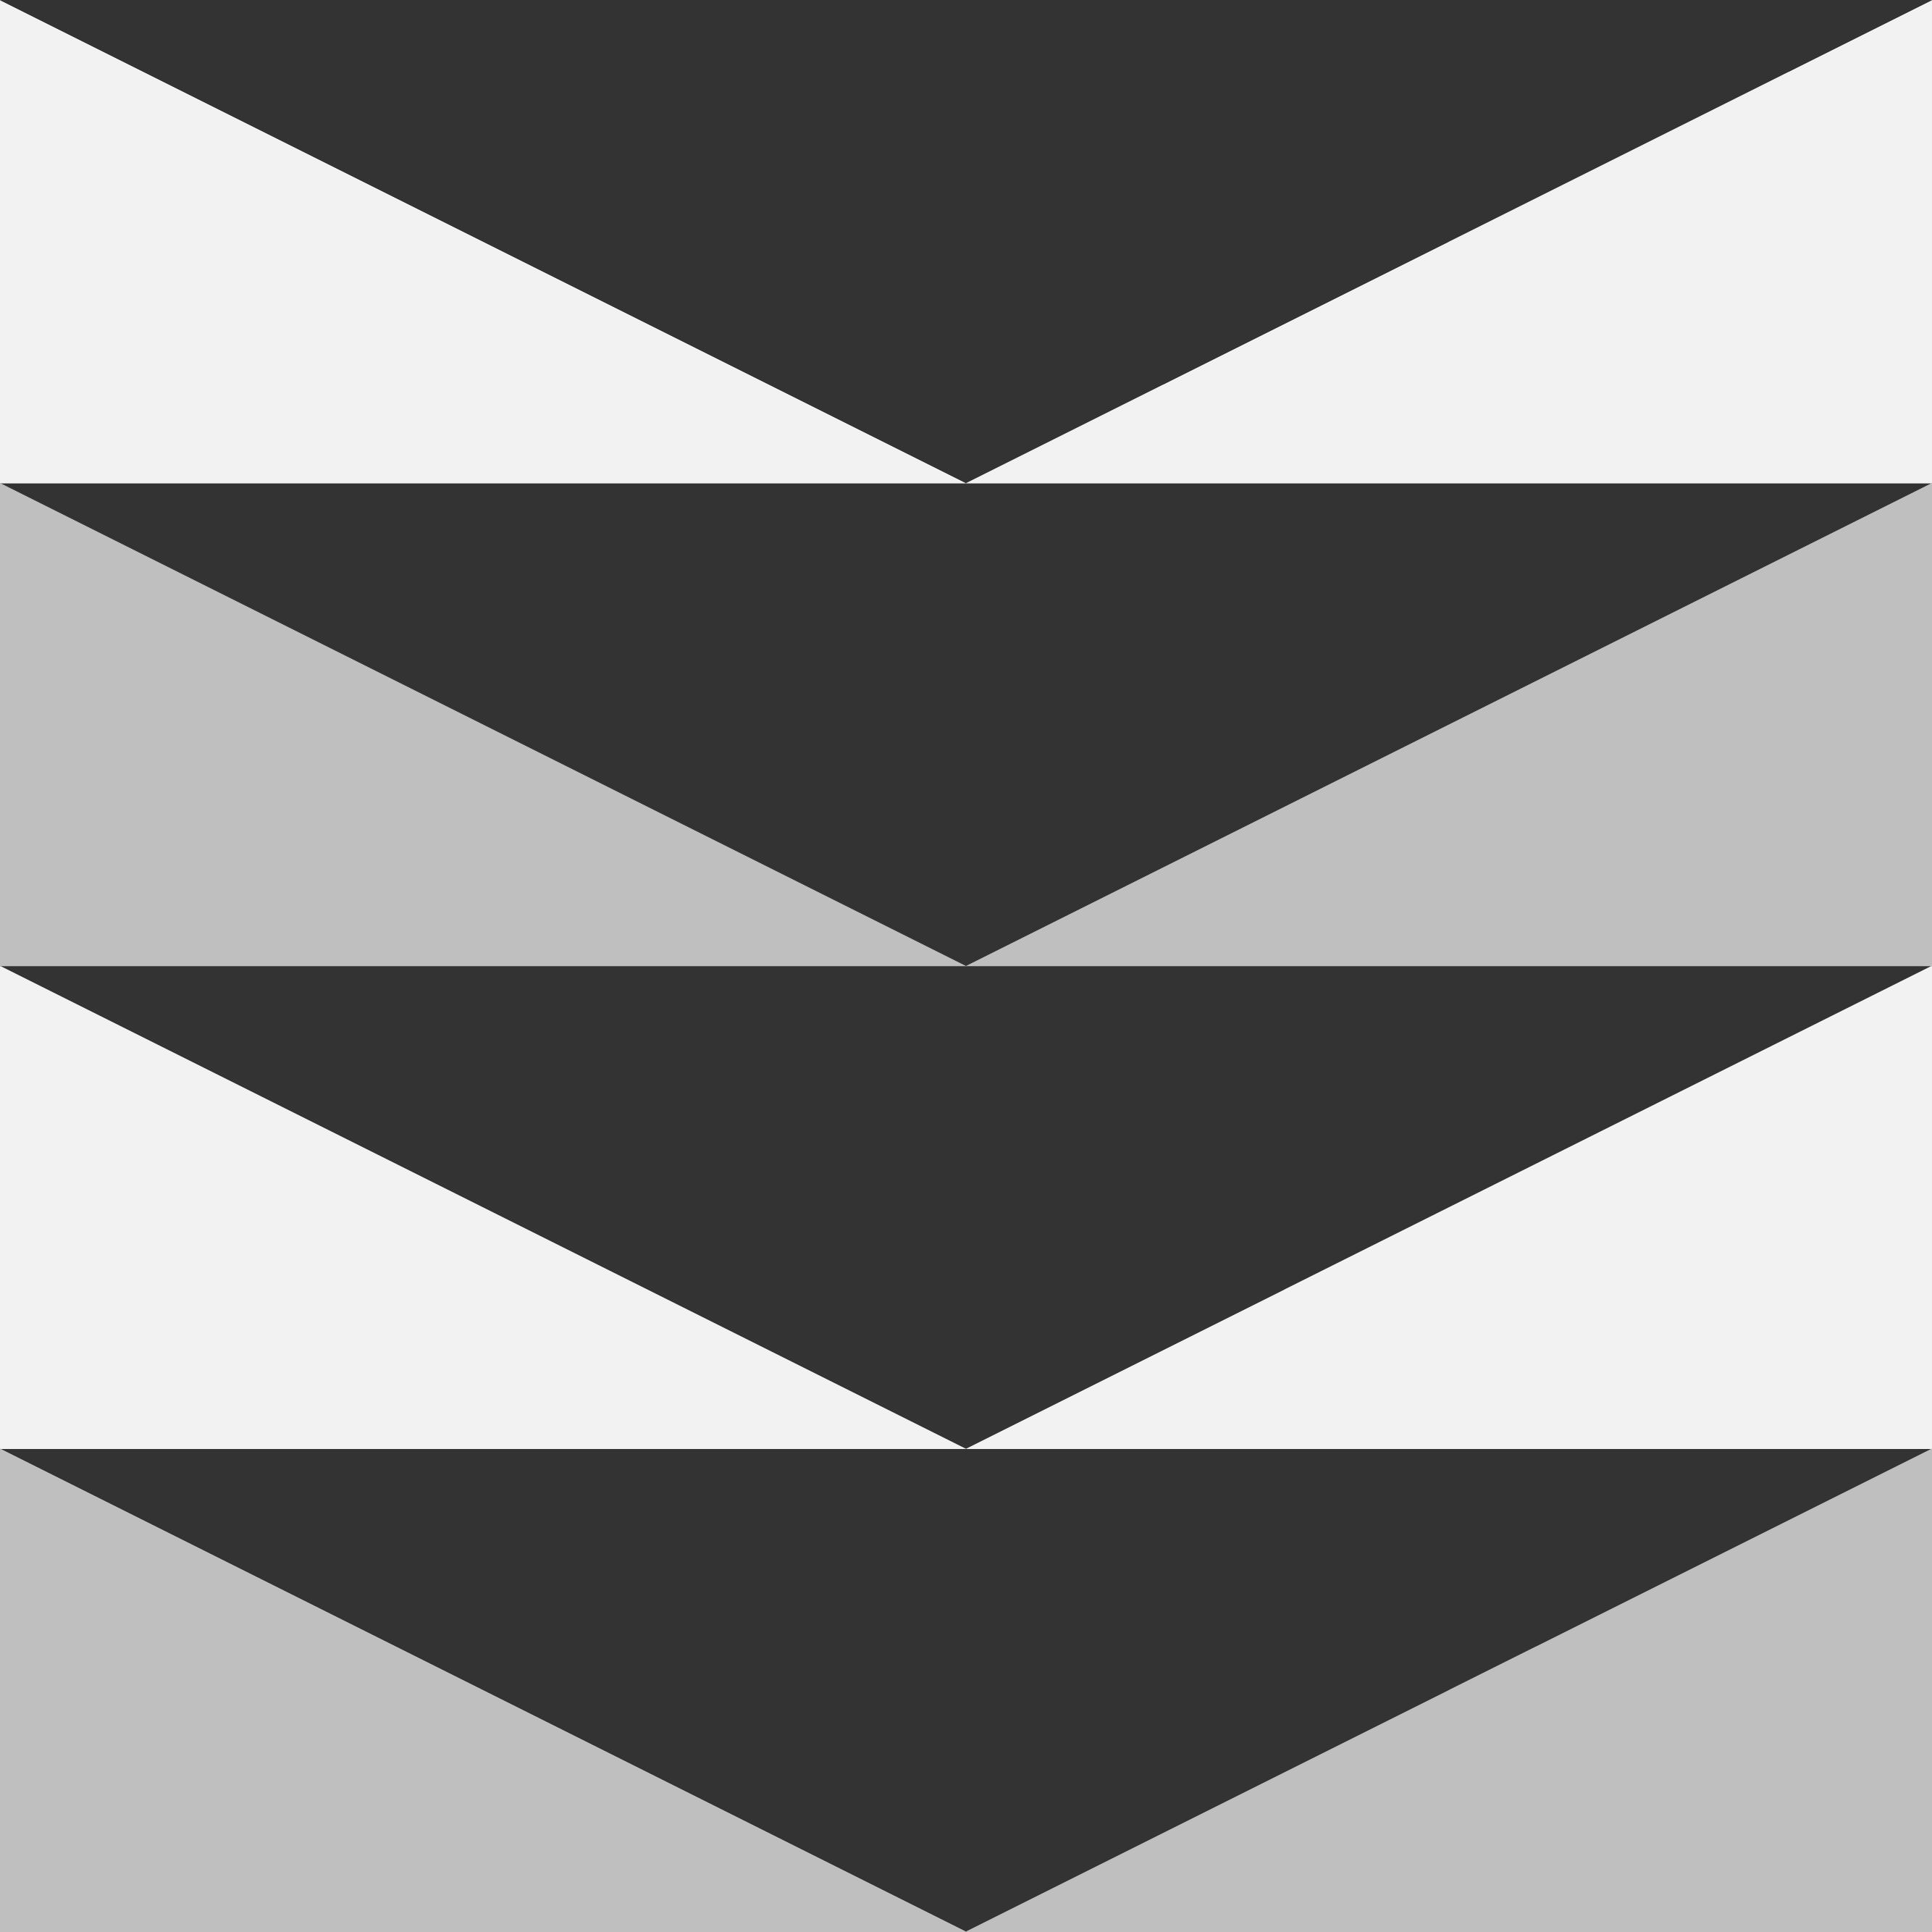 Derprosa™ Matte DL Pro-Shield™ Curlstop